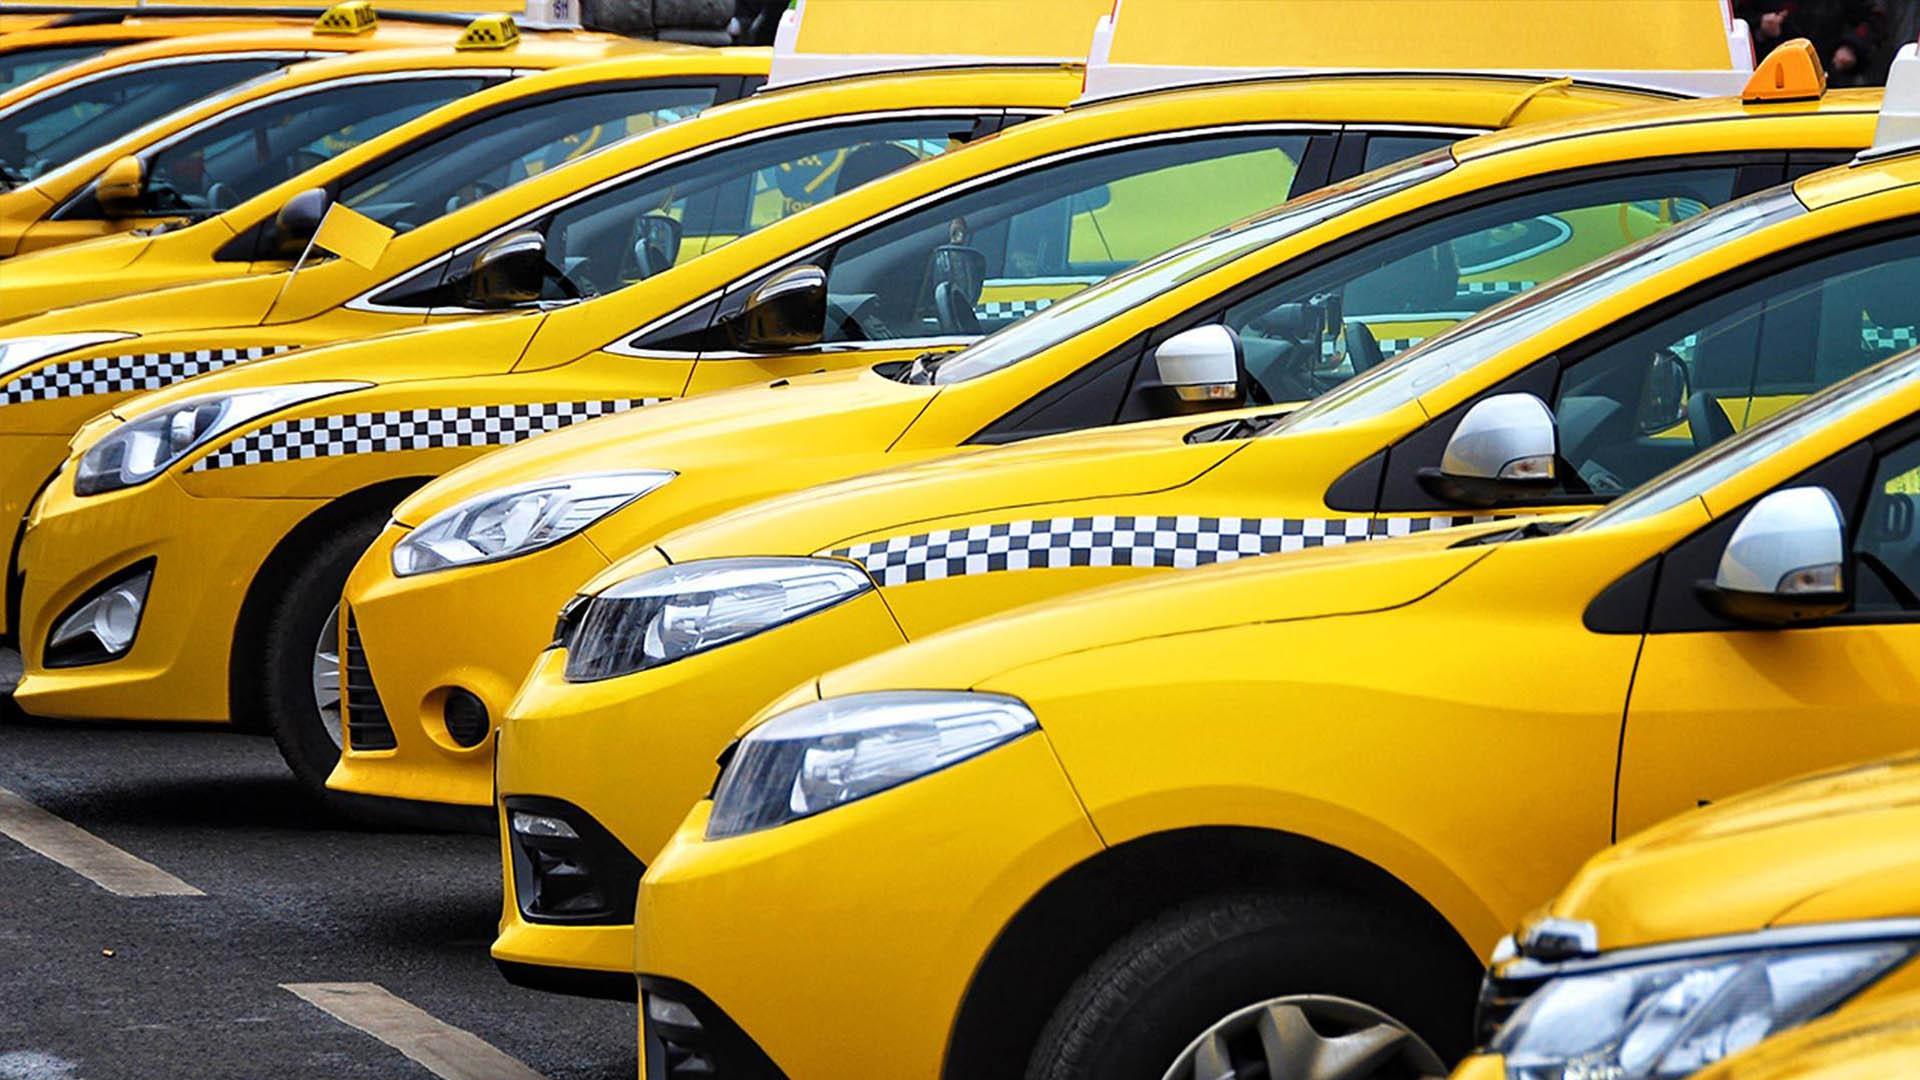 В Санкт-Петербурге хотят ввести единый цвет такси